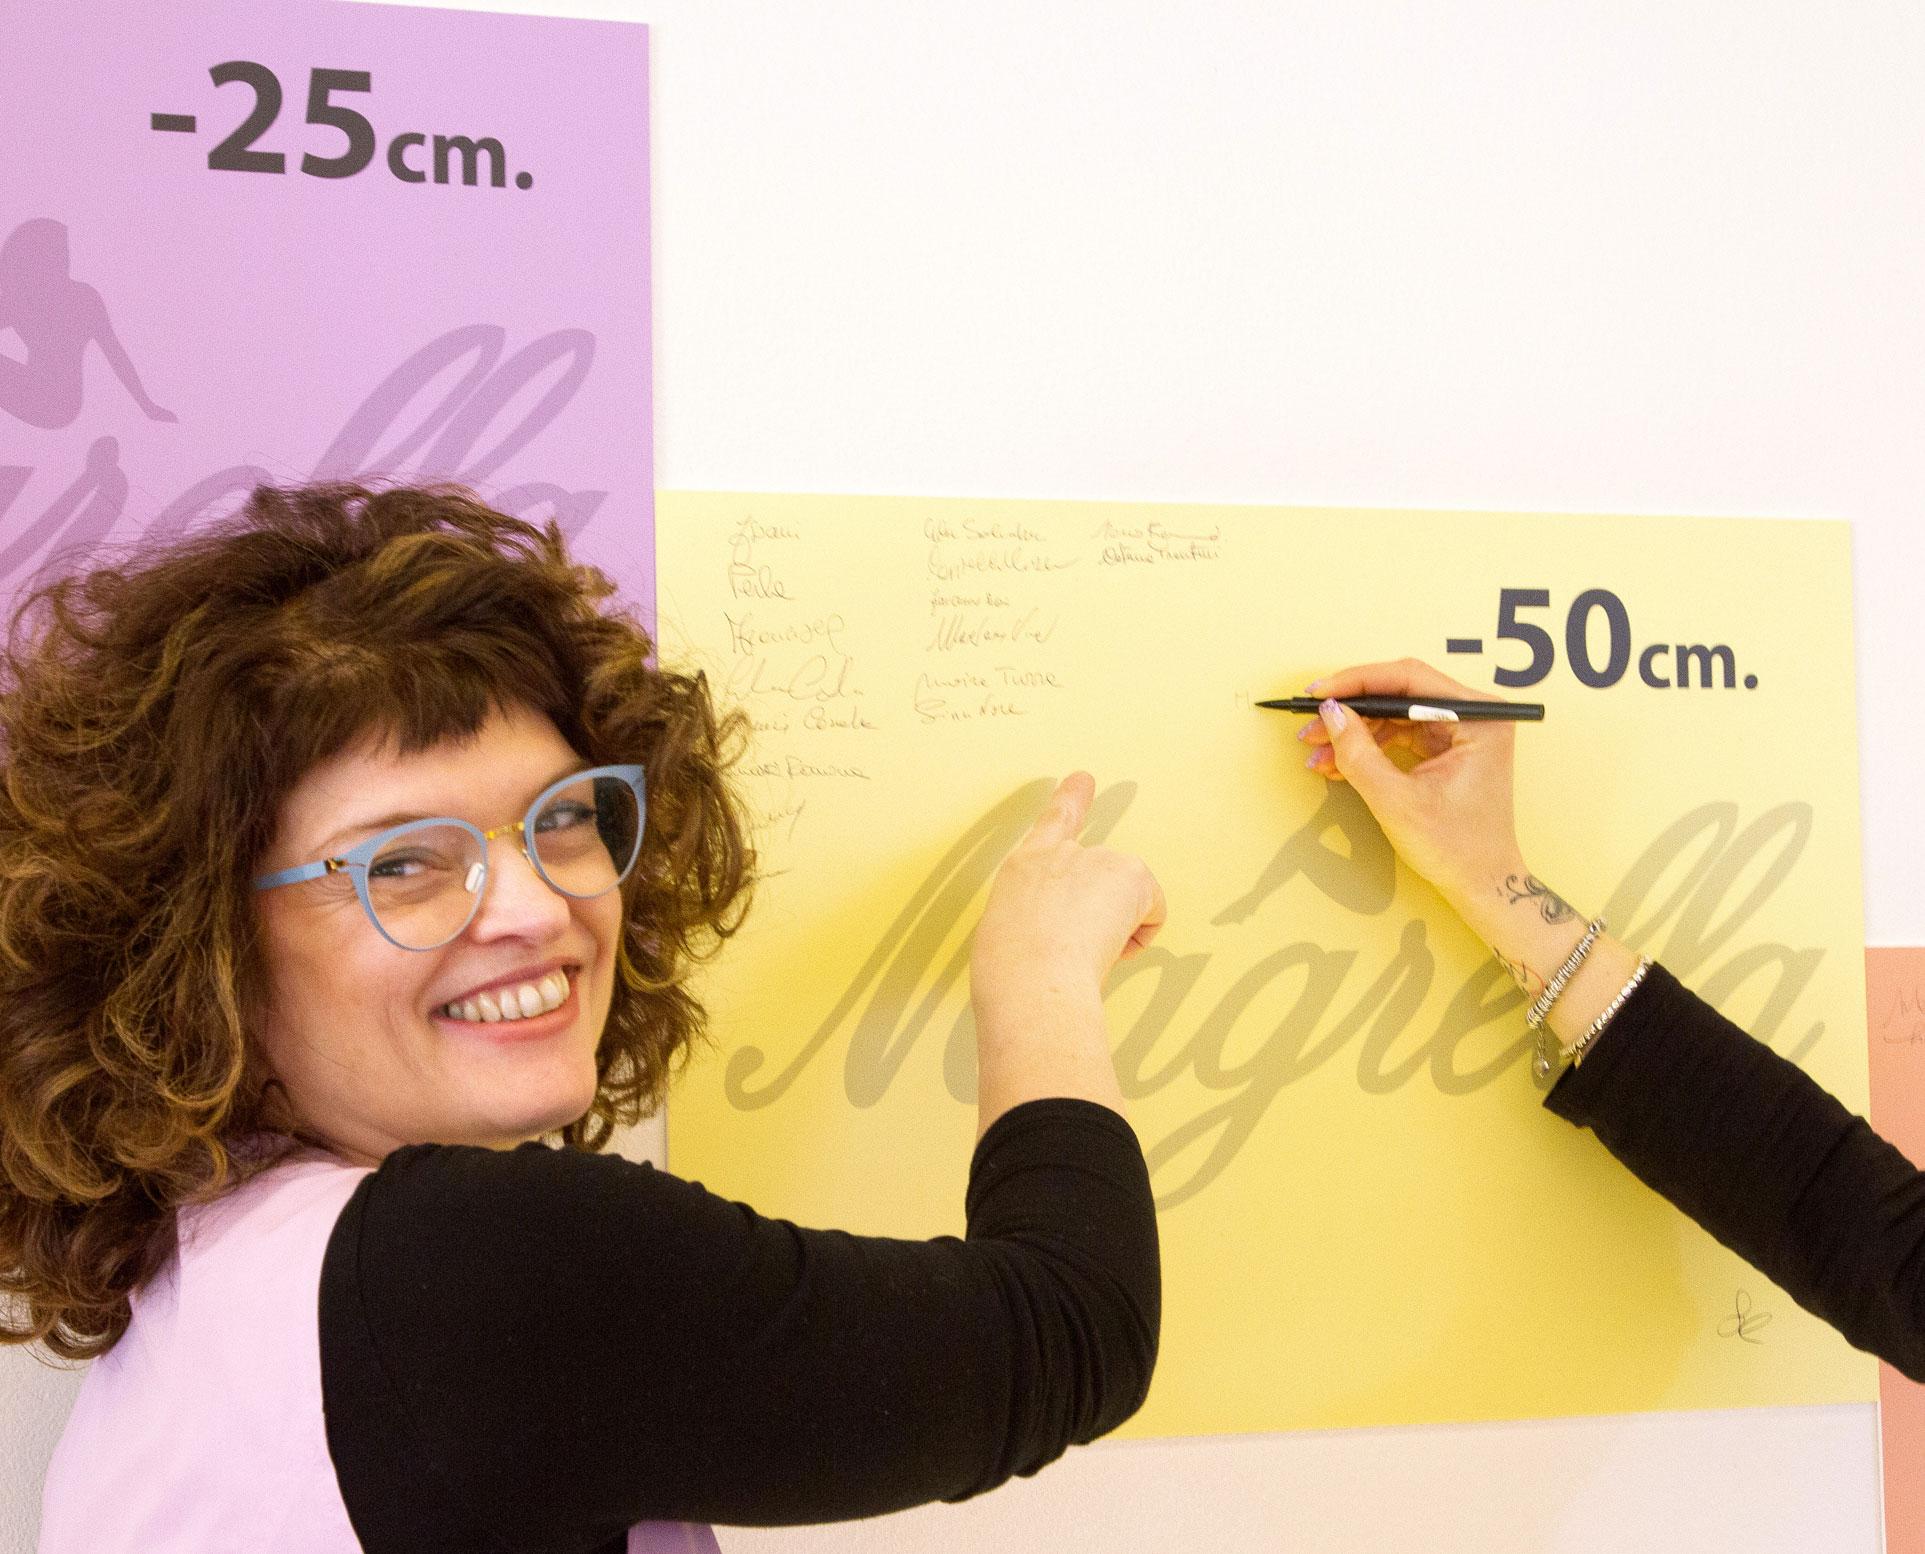 -25 -50 cm Magrella Ferrara centro dimagrimento clinica per dimagrire dieta facile veloce perdere peso